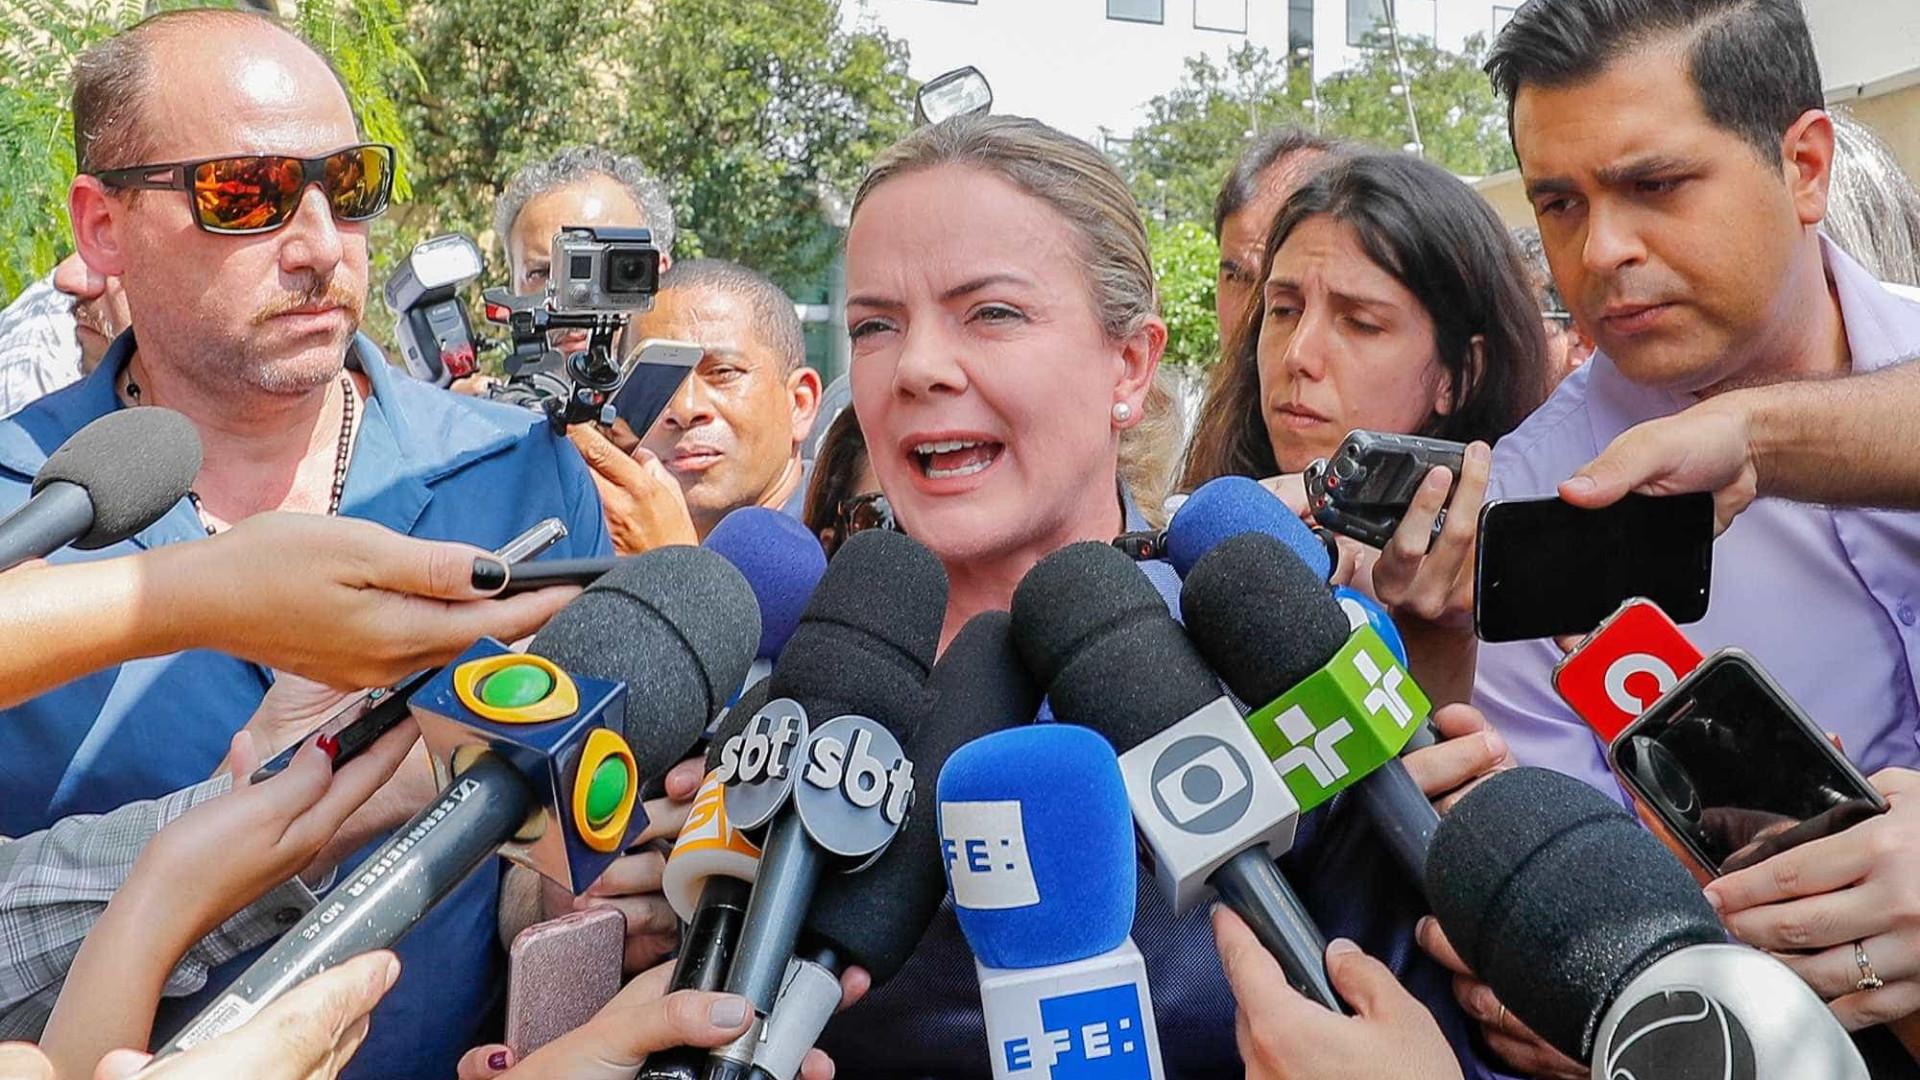 Corregedor arquiva reclamação de Gleisi contra juíza da Lava Jato